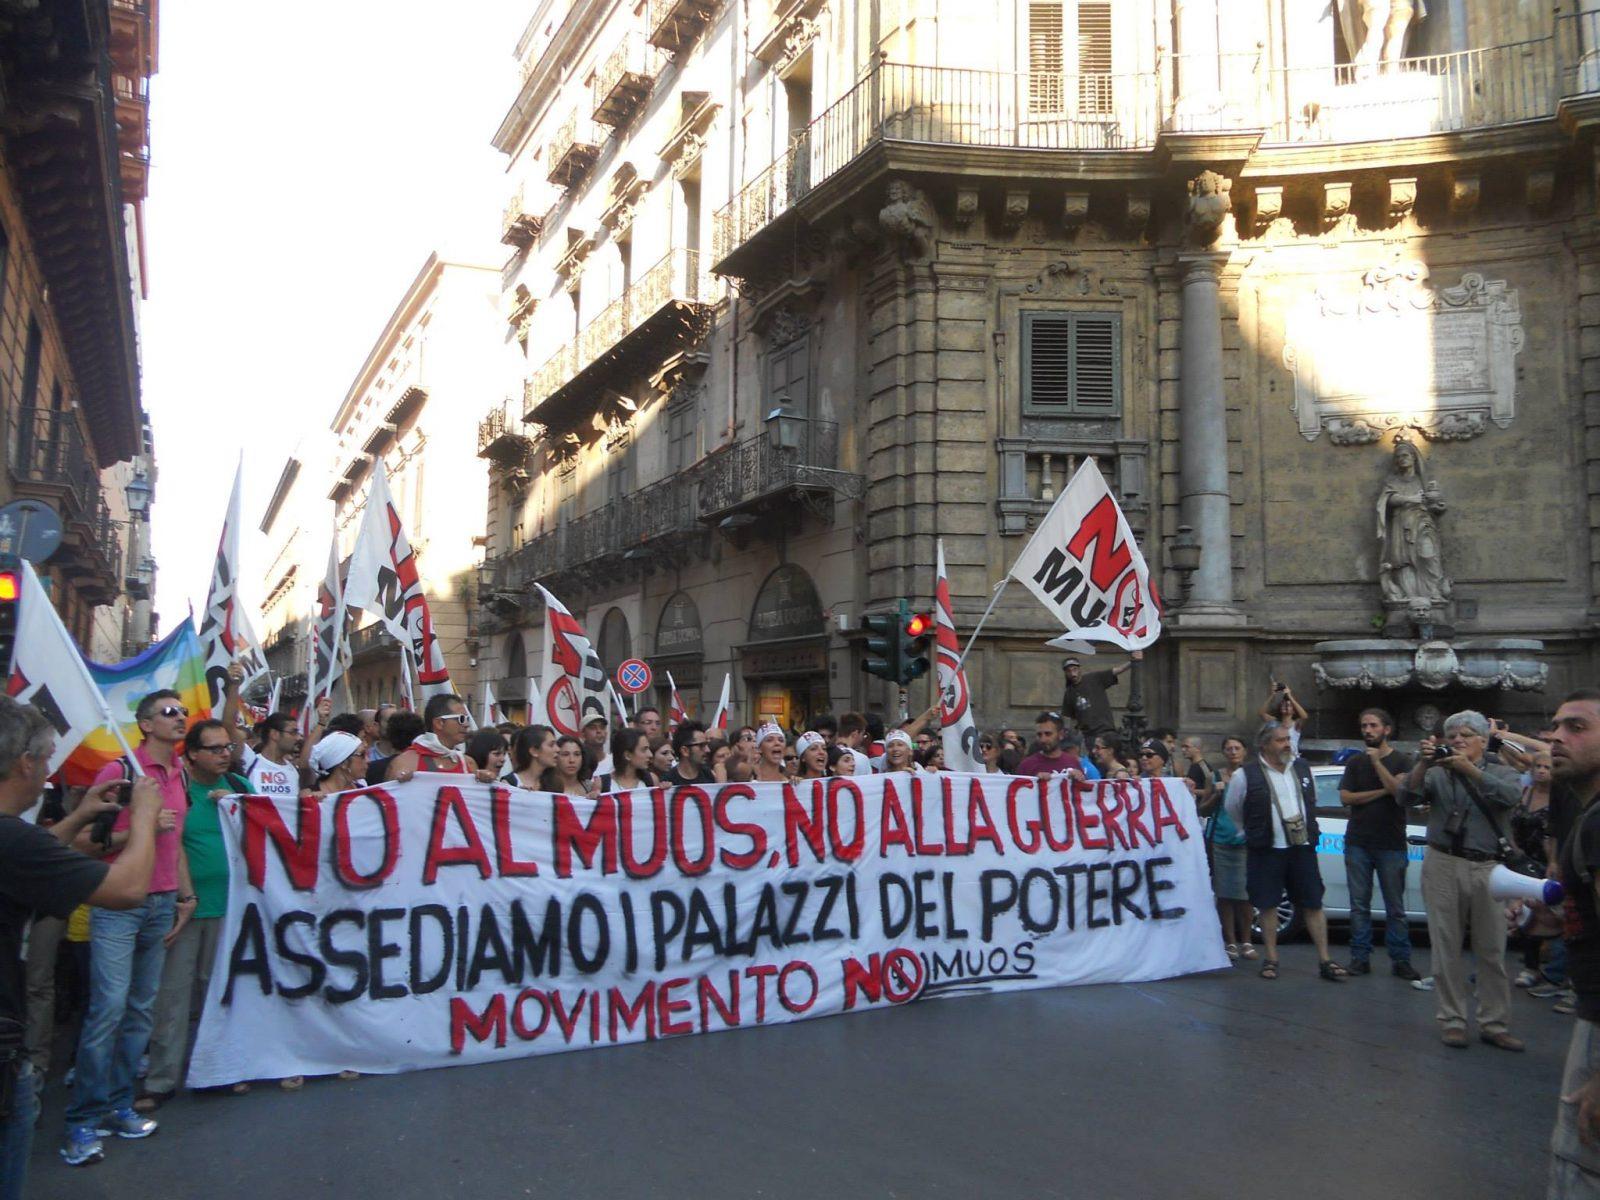 Manifestazione No MUOS 28 settembre 2013 Palermo: pensieri a caldo e disordinati